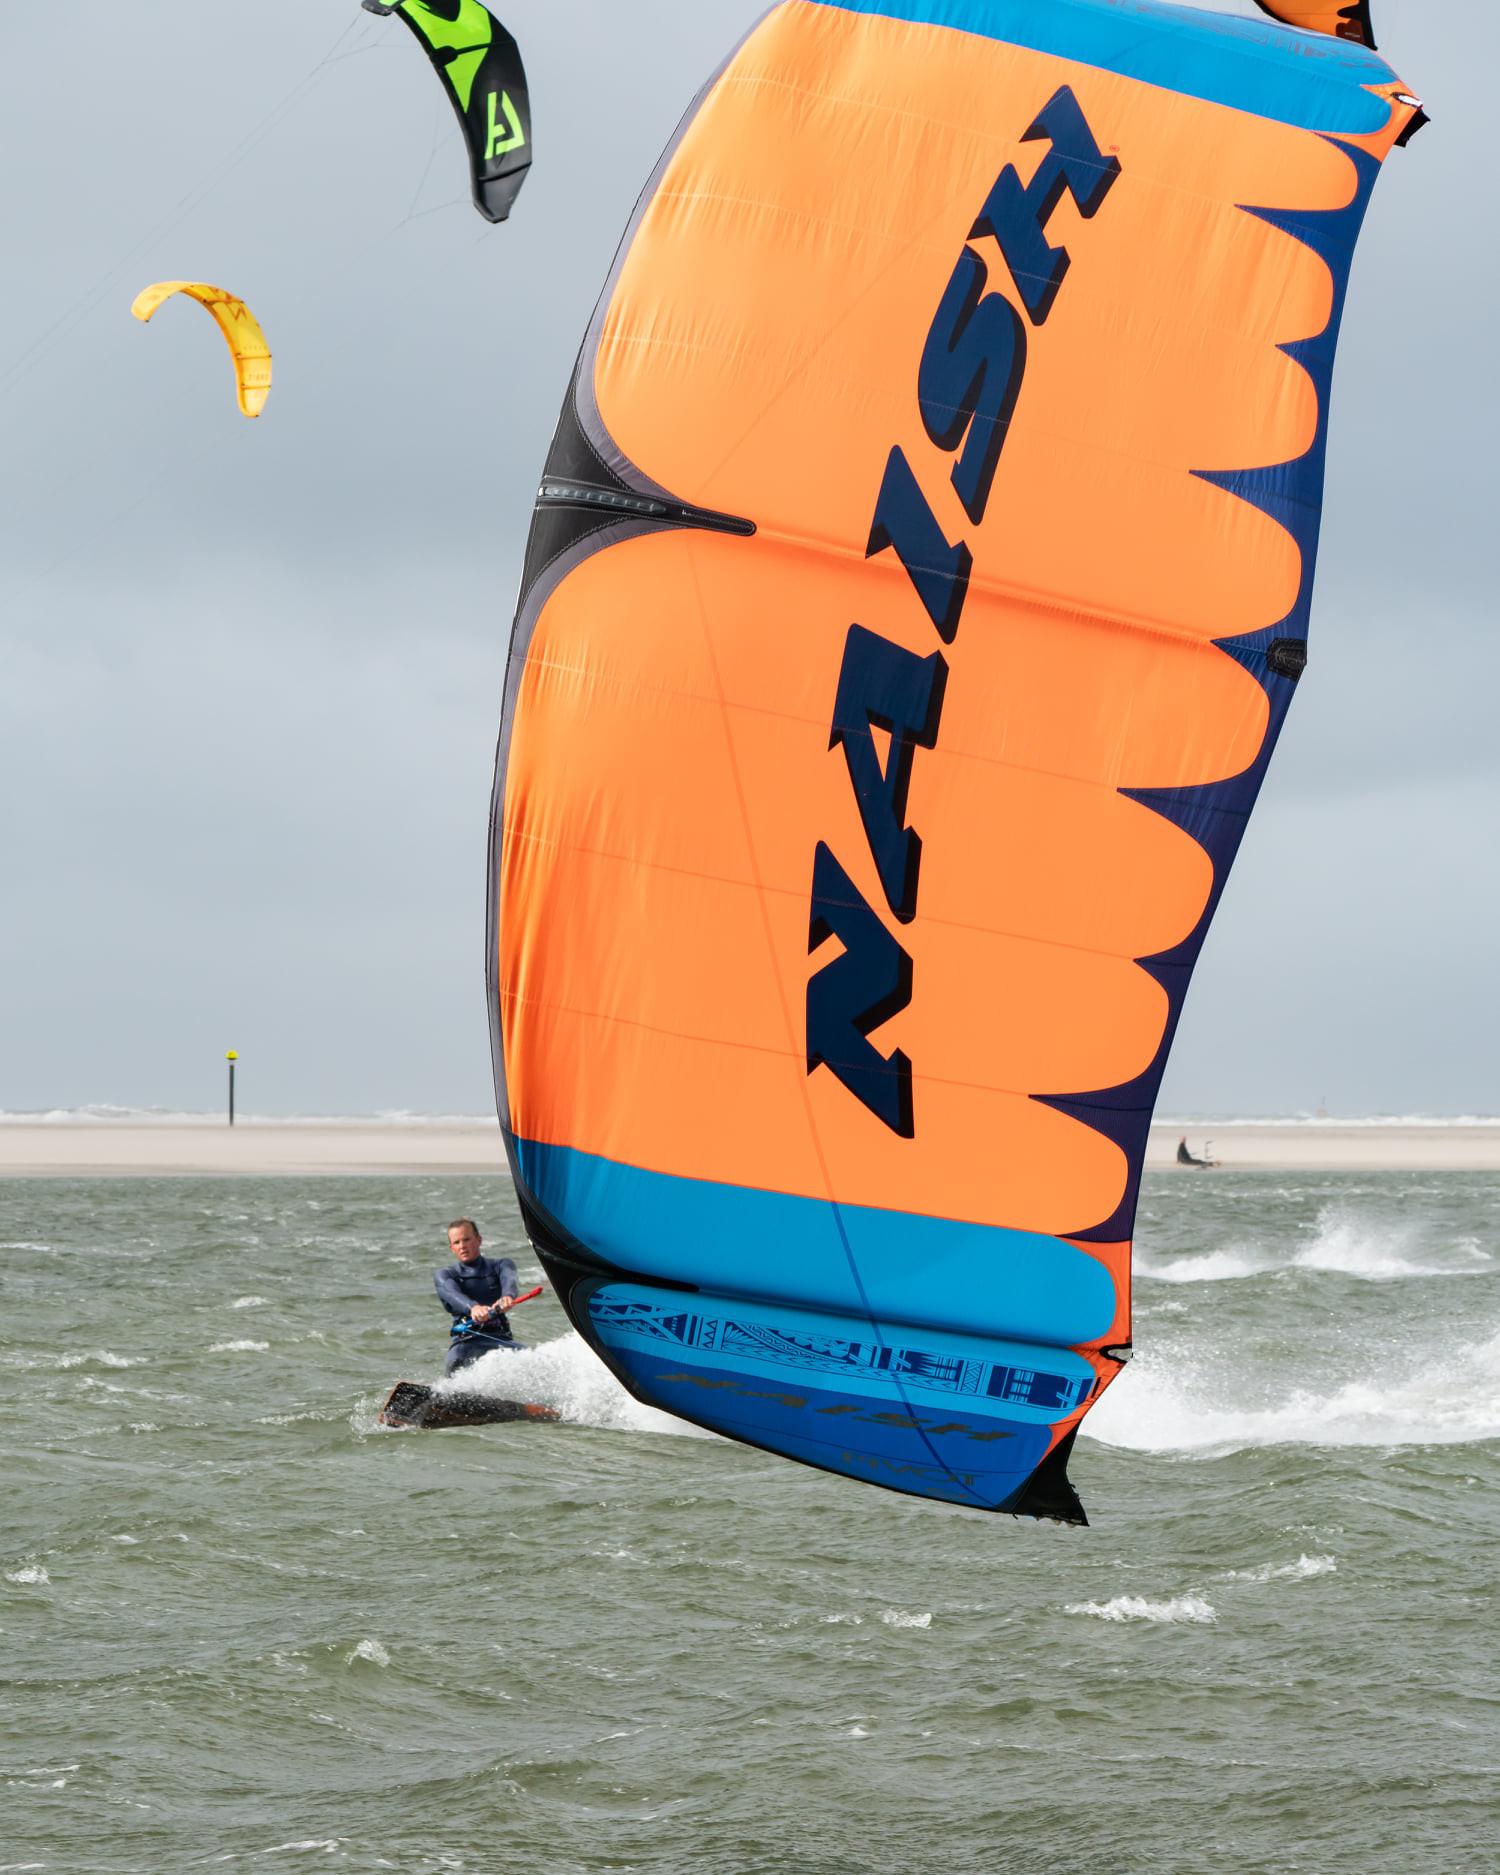 Tweedehands kitesurf-set kopen